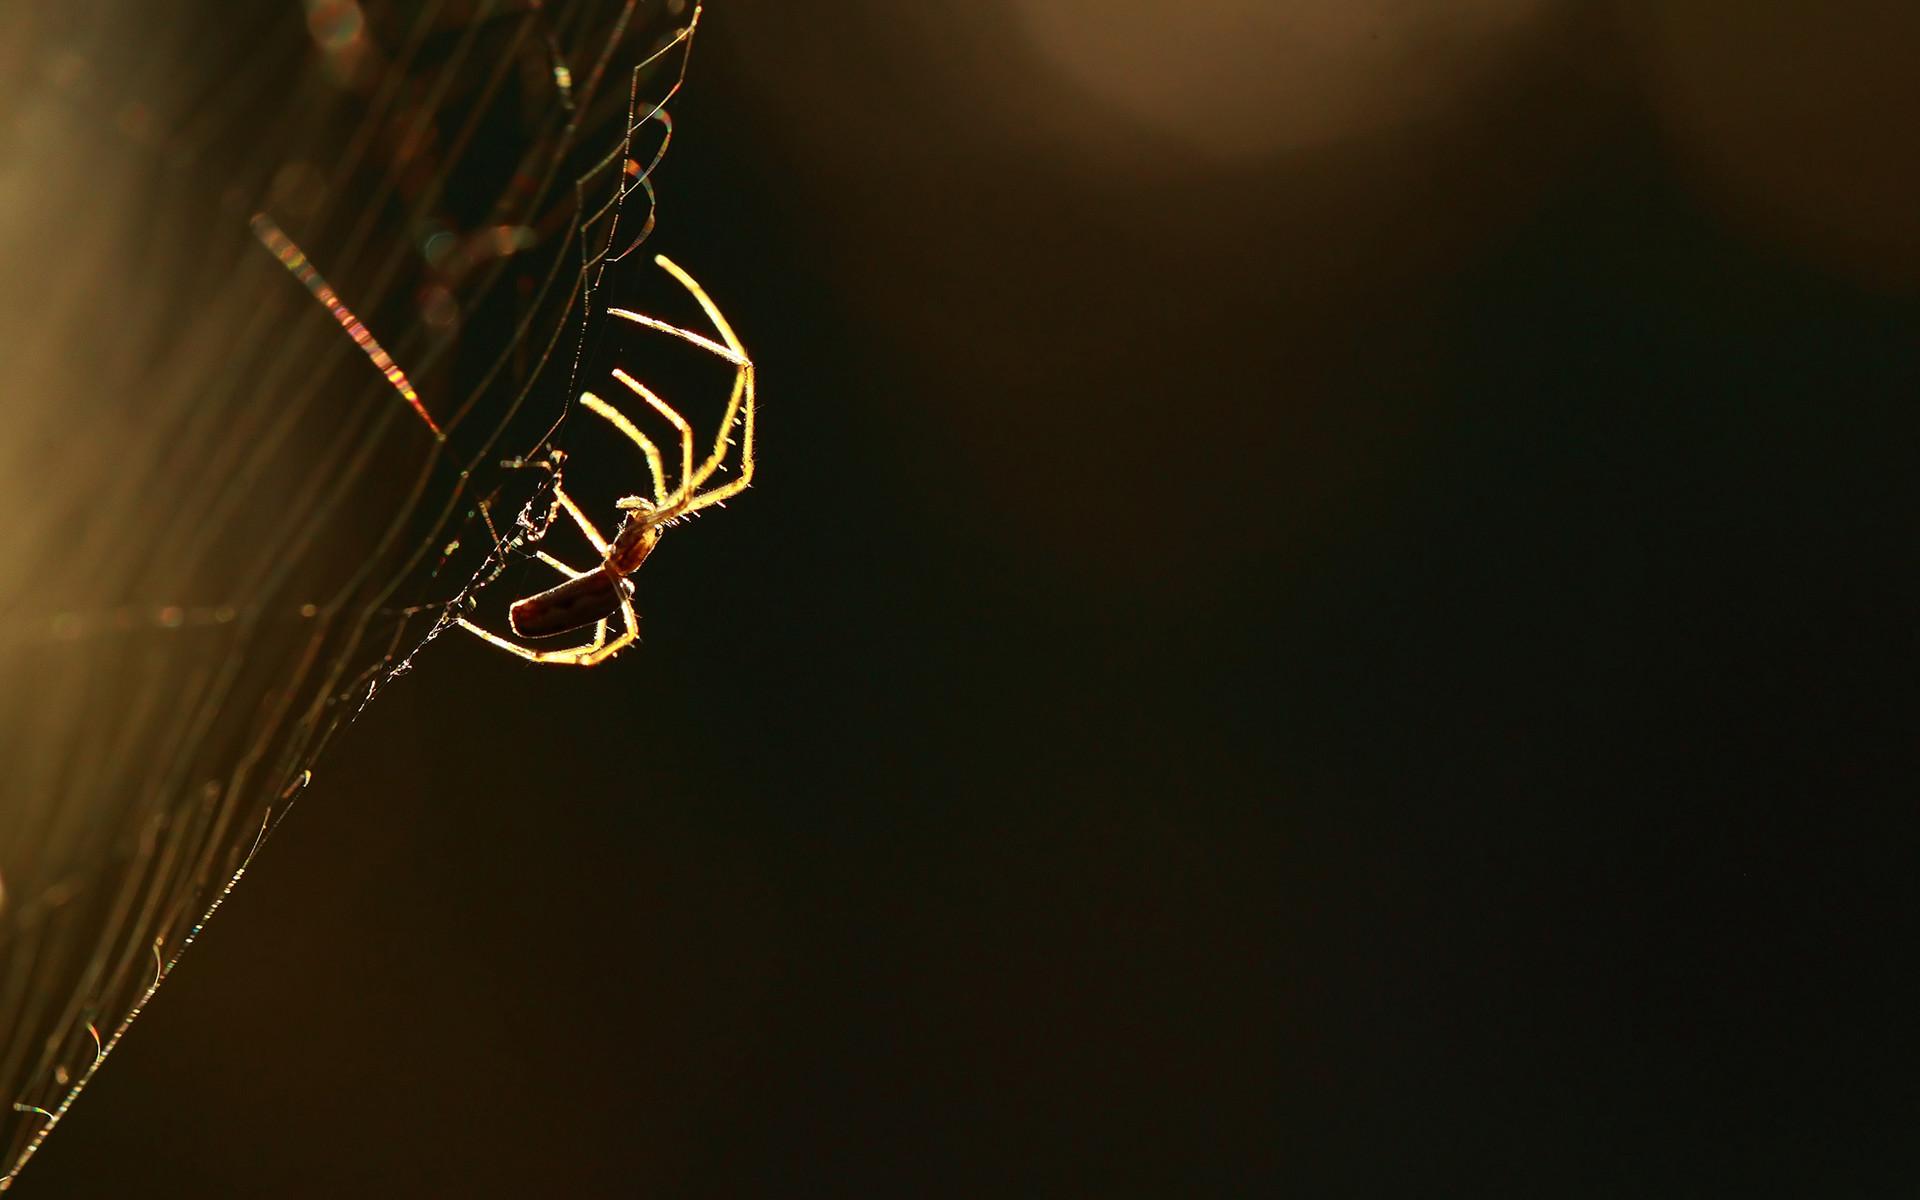 Fantastic Spider Web Wallpaper